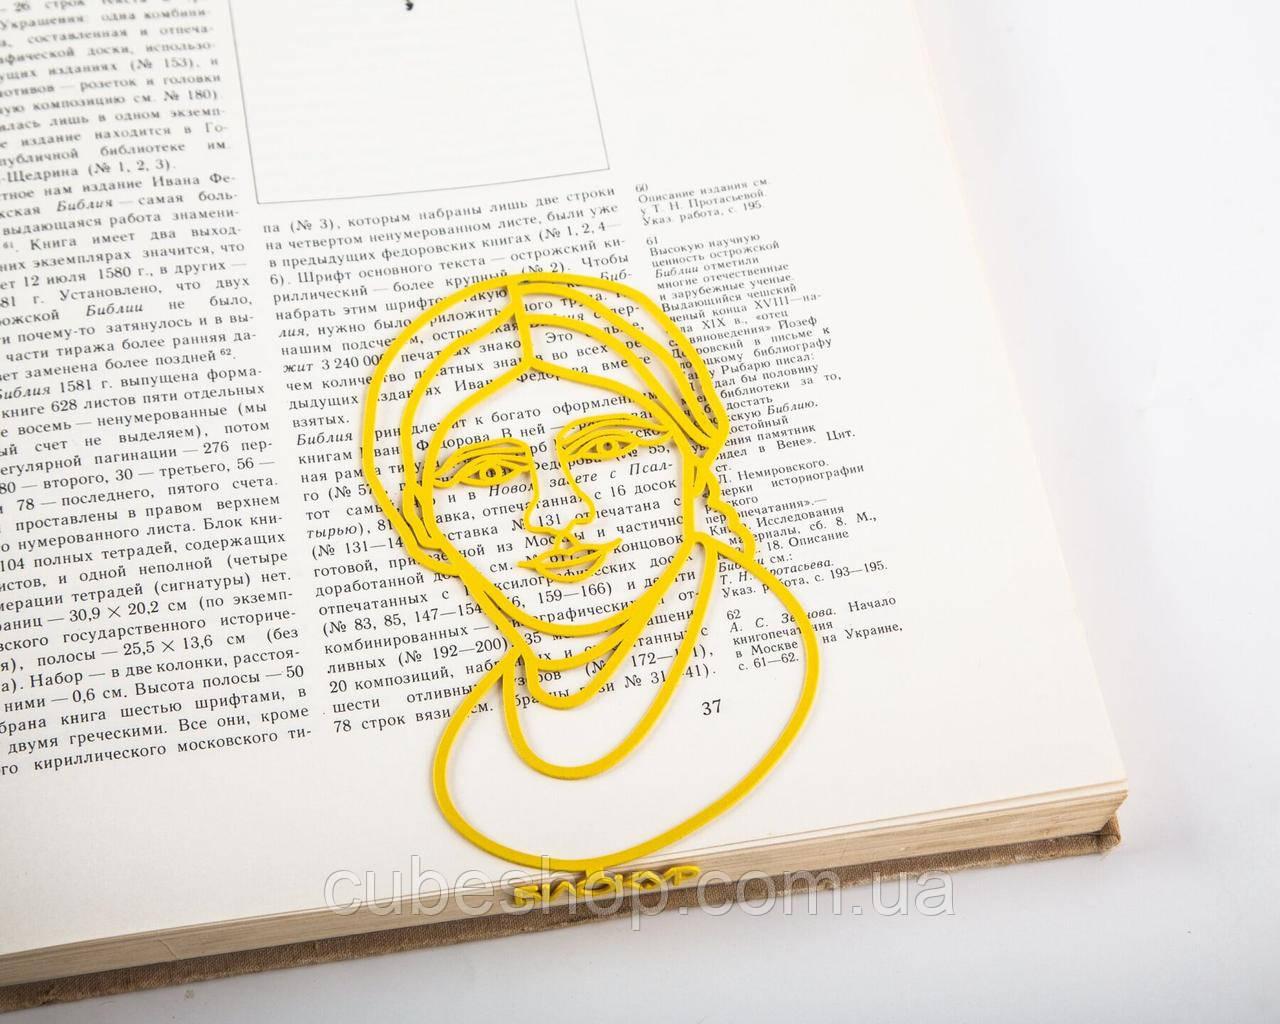 Закладка для книг Катерина Билокур